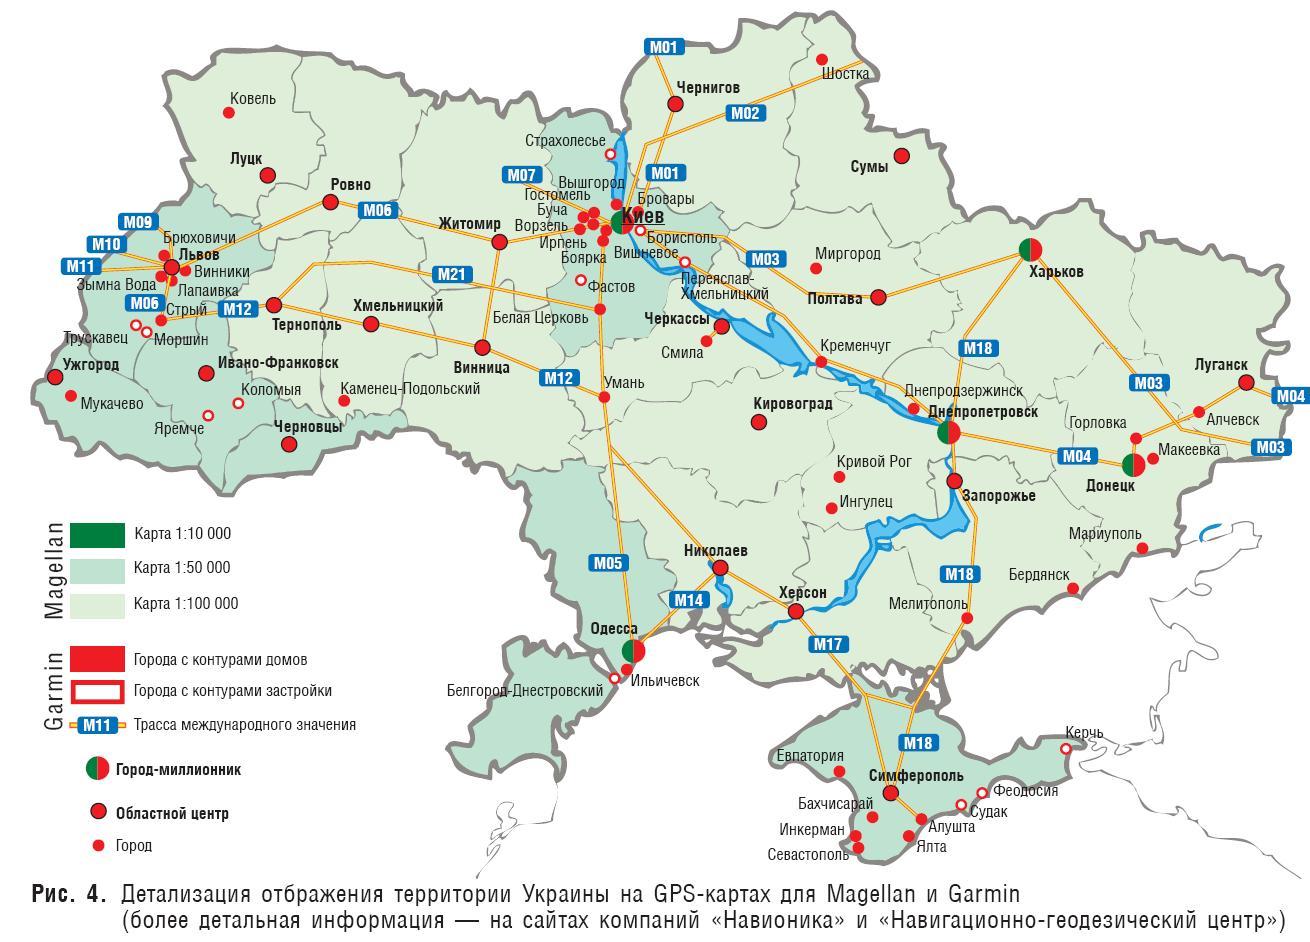 карта с привязкой к географической сеткой онлайн